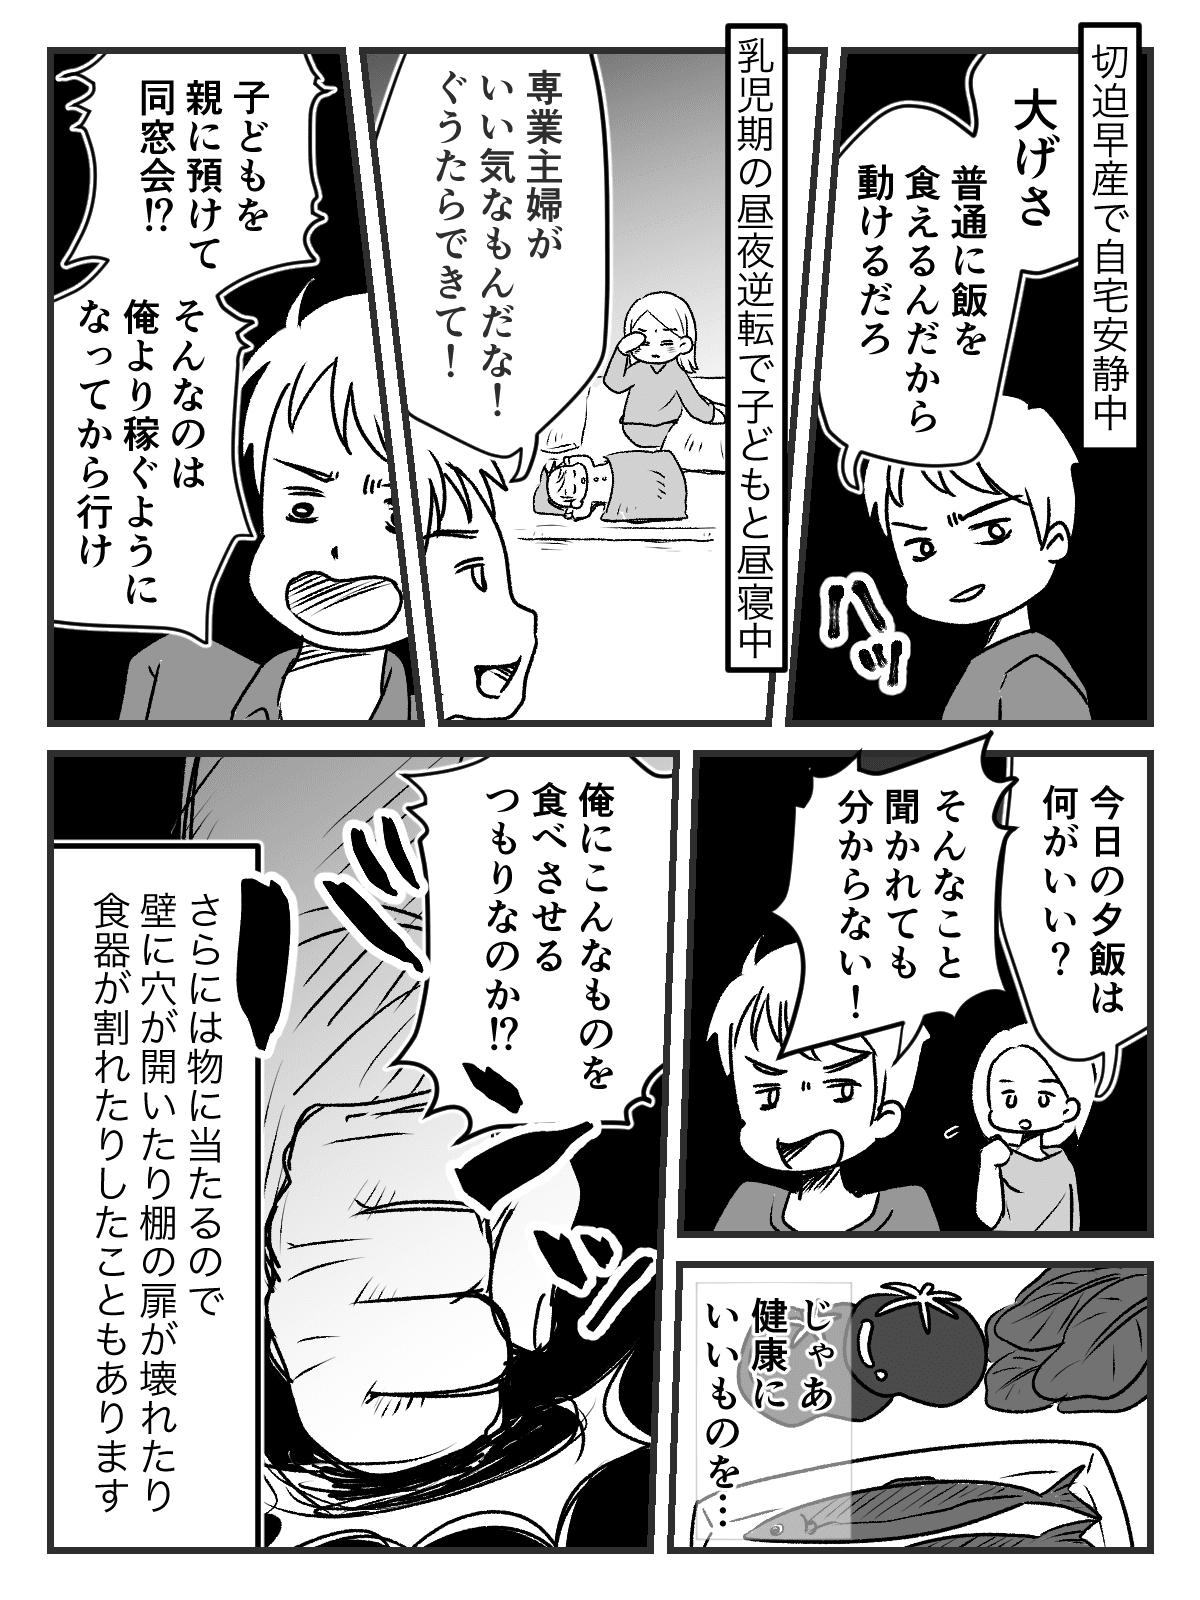 夫 漫画 モラハラ